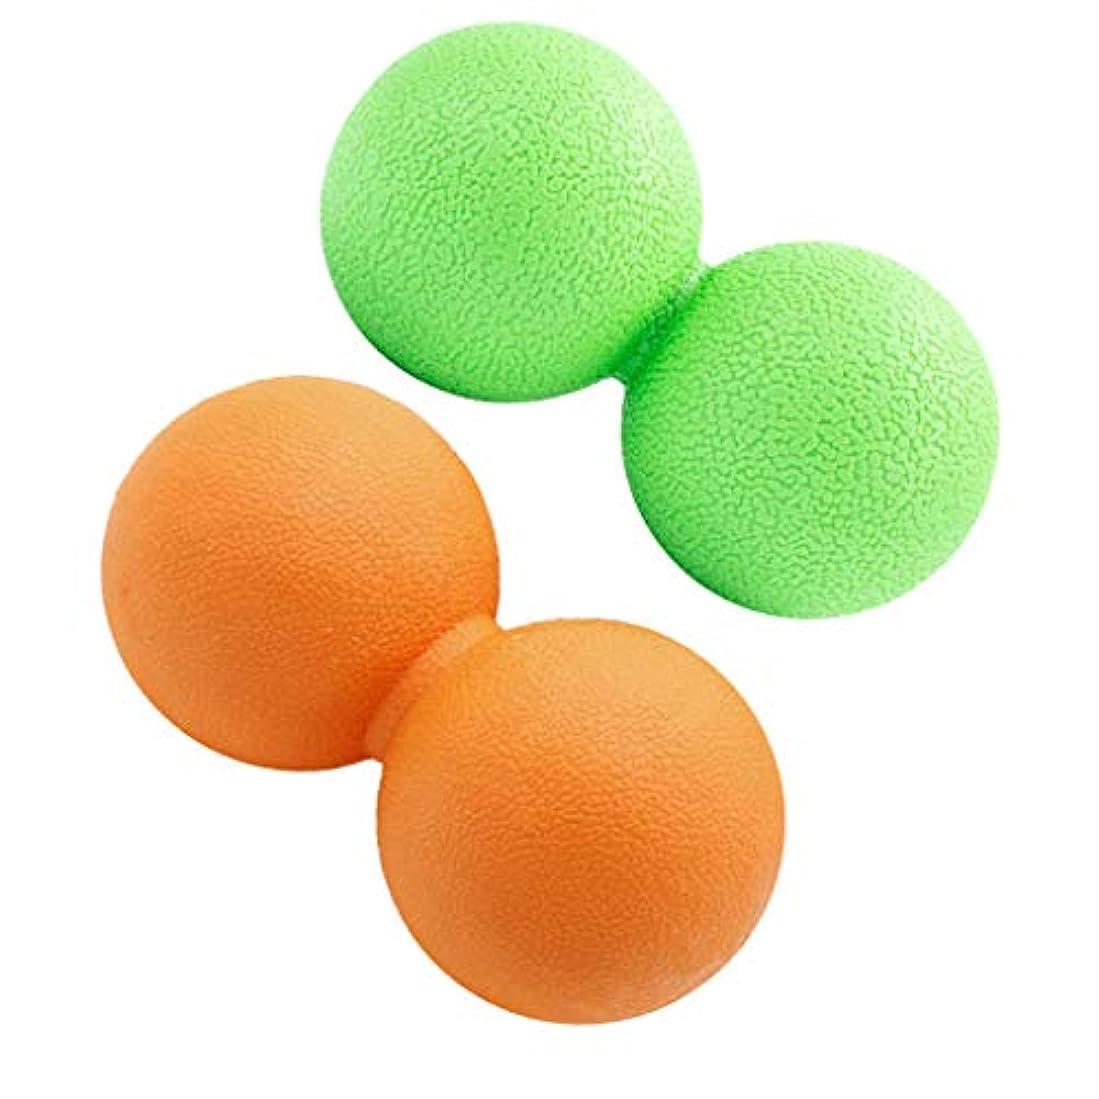 バケット漫画形容詞2個 マッサージボール ピーナッツ 疲れ解消ボール トリガーポイント 筋膜リリース ツボ押しグッズ